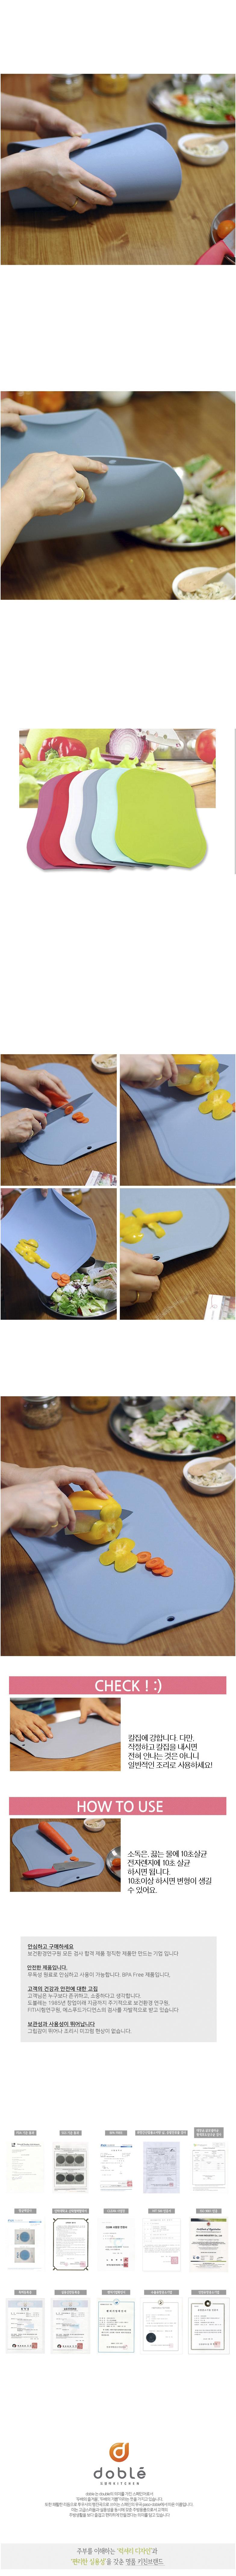 정품 칼집 안나는 도블레 도마 대 이유식 실리콘도마 - 갓샵, 29,000원, 도마, 실리콘 도마